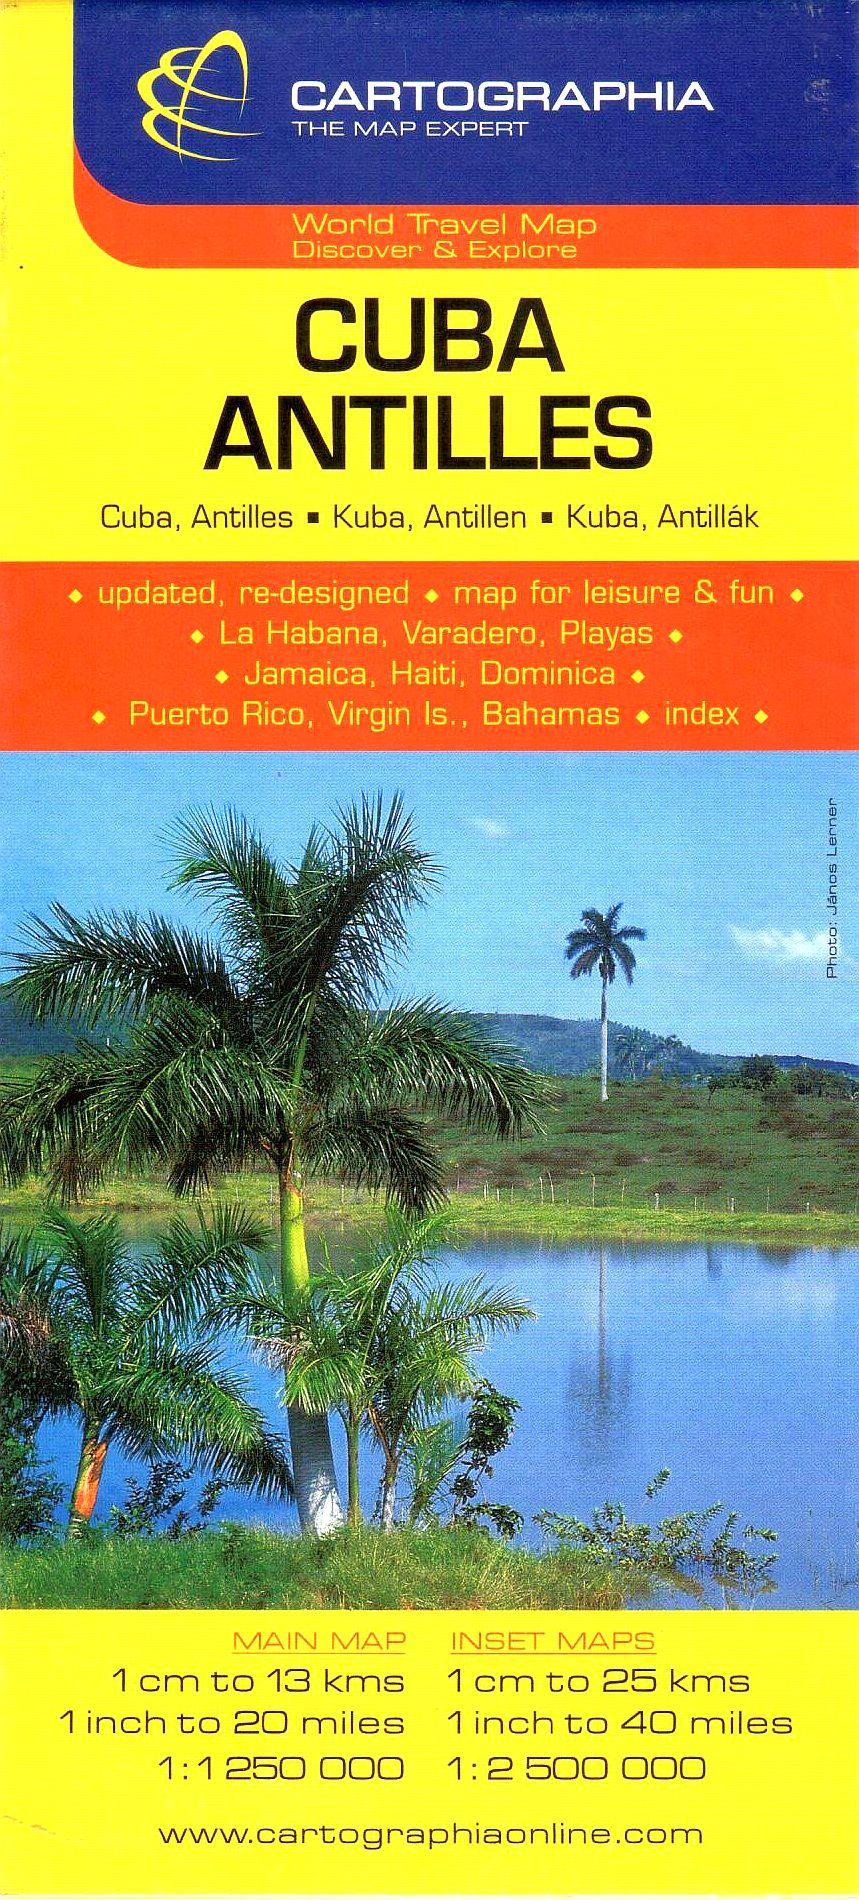 Kuba, Antillák általános földrajzi térképe autós és turista információkkal, névmutatóval. melléktérképek: Havanna, Varadero, Playas, jamaica, Haiti, Dominica, Puerto Rico, Bahamák, Virgin-szigetek.